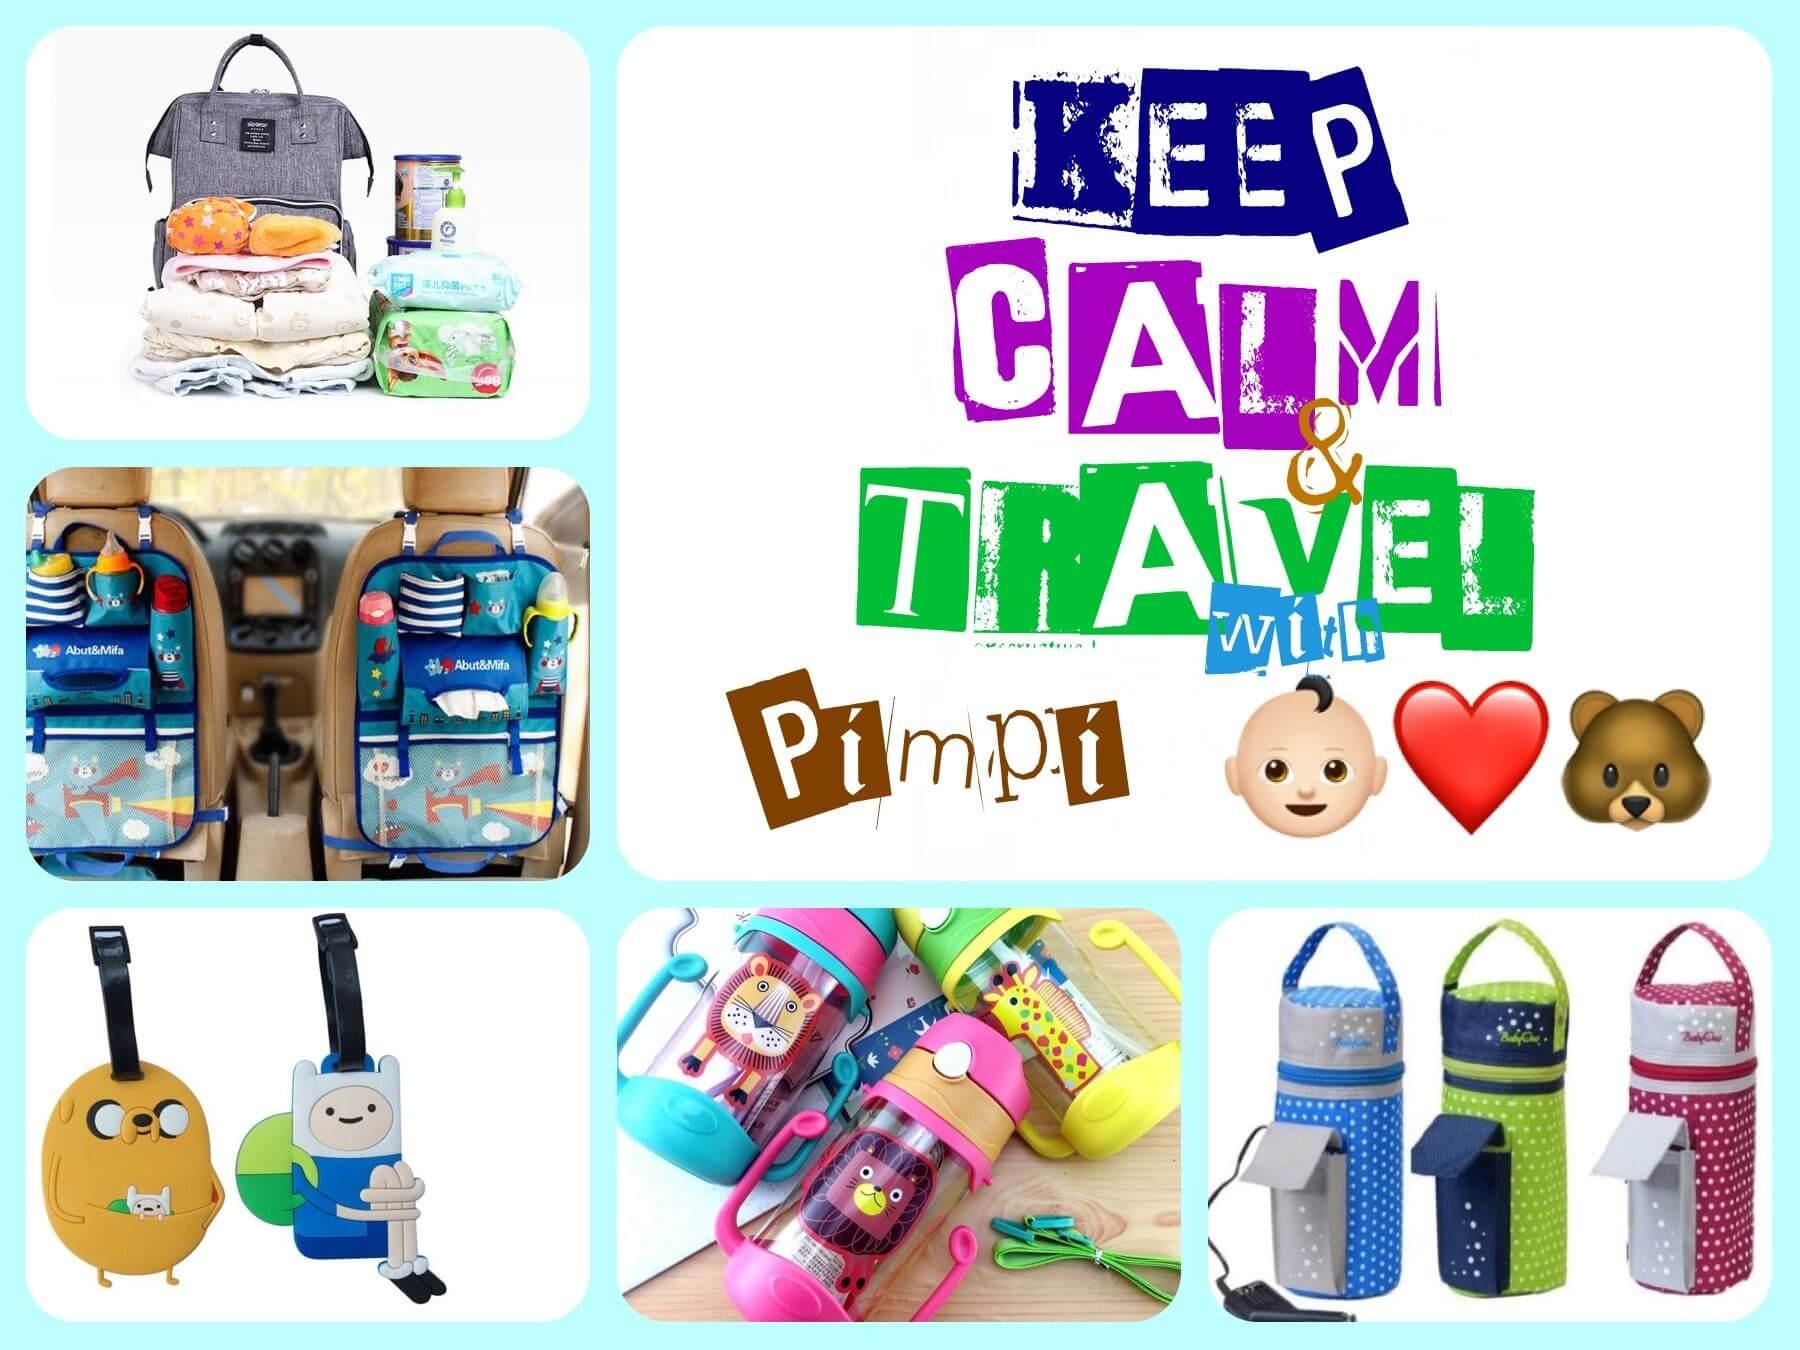 pimpi-cestovanie-bábo-svet-vychytávky-balenie